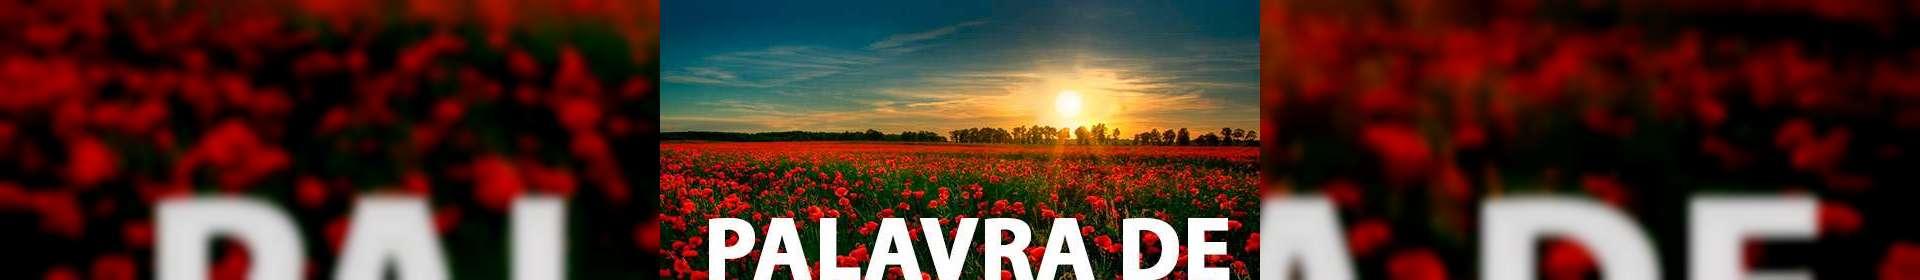 Zacarias 11:7 - Uma Palavra de Esperança para sua vida